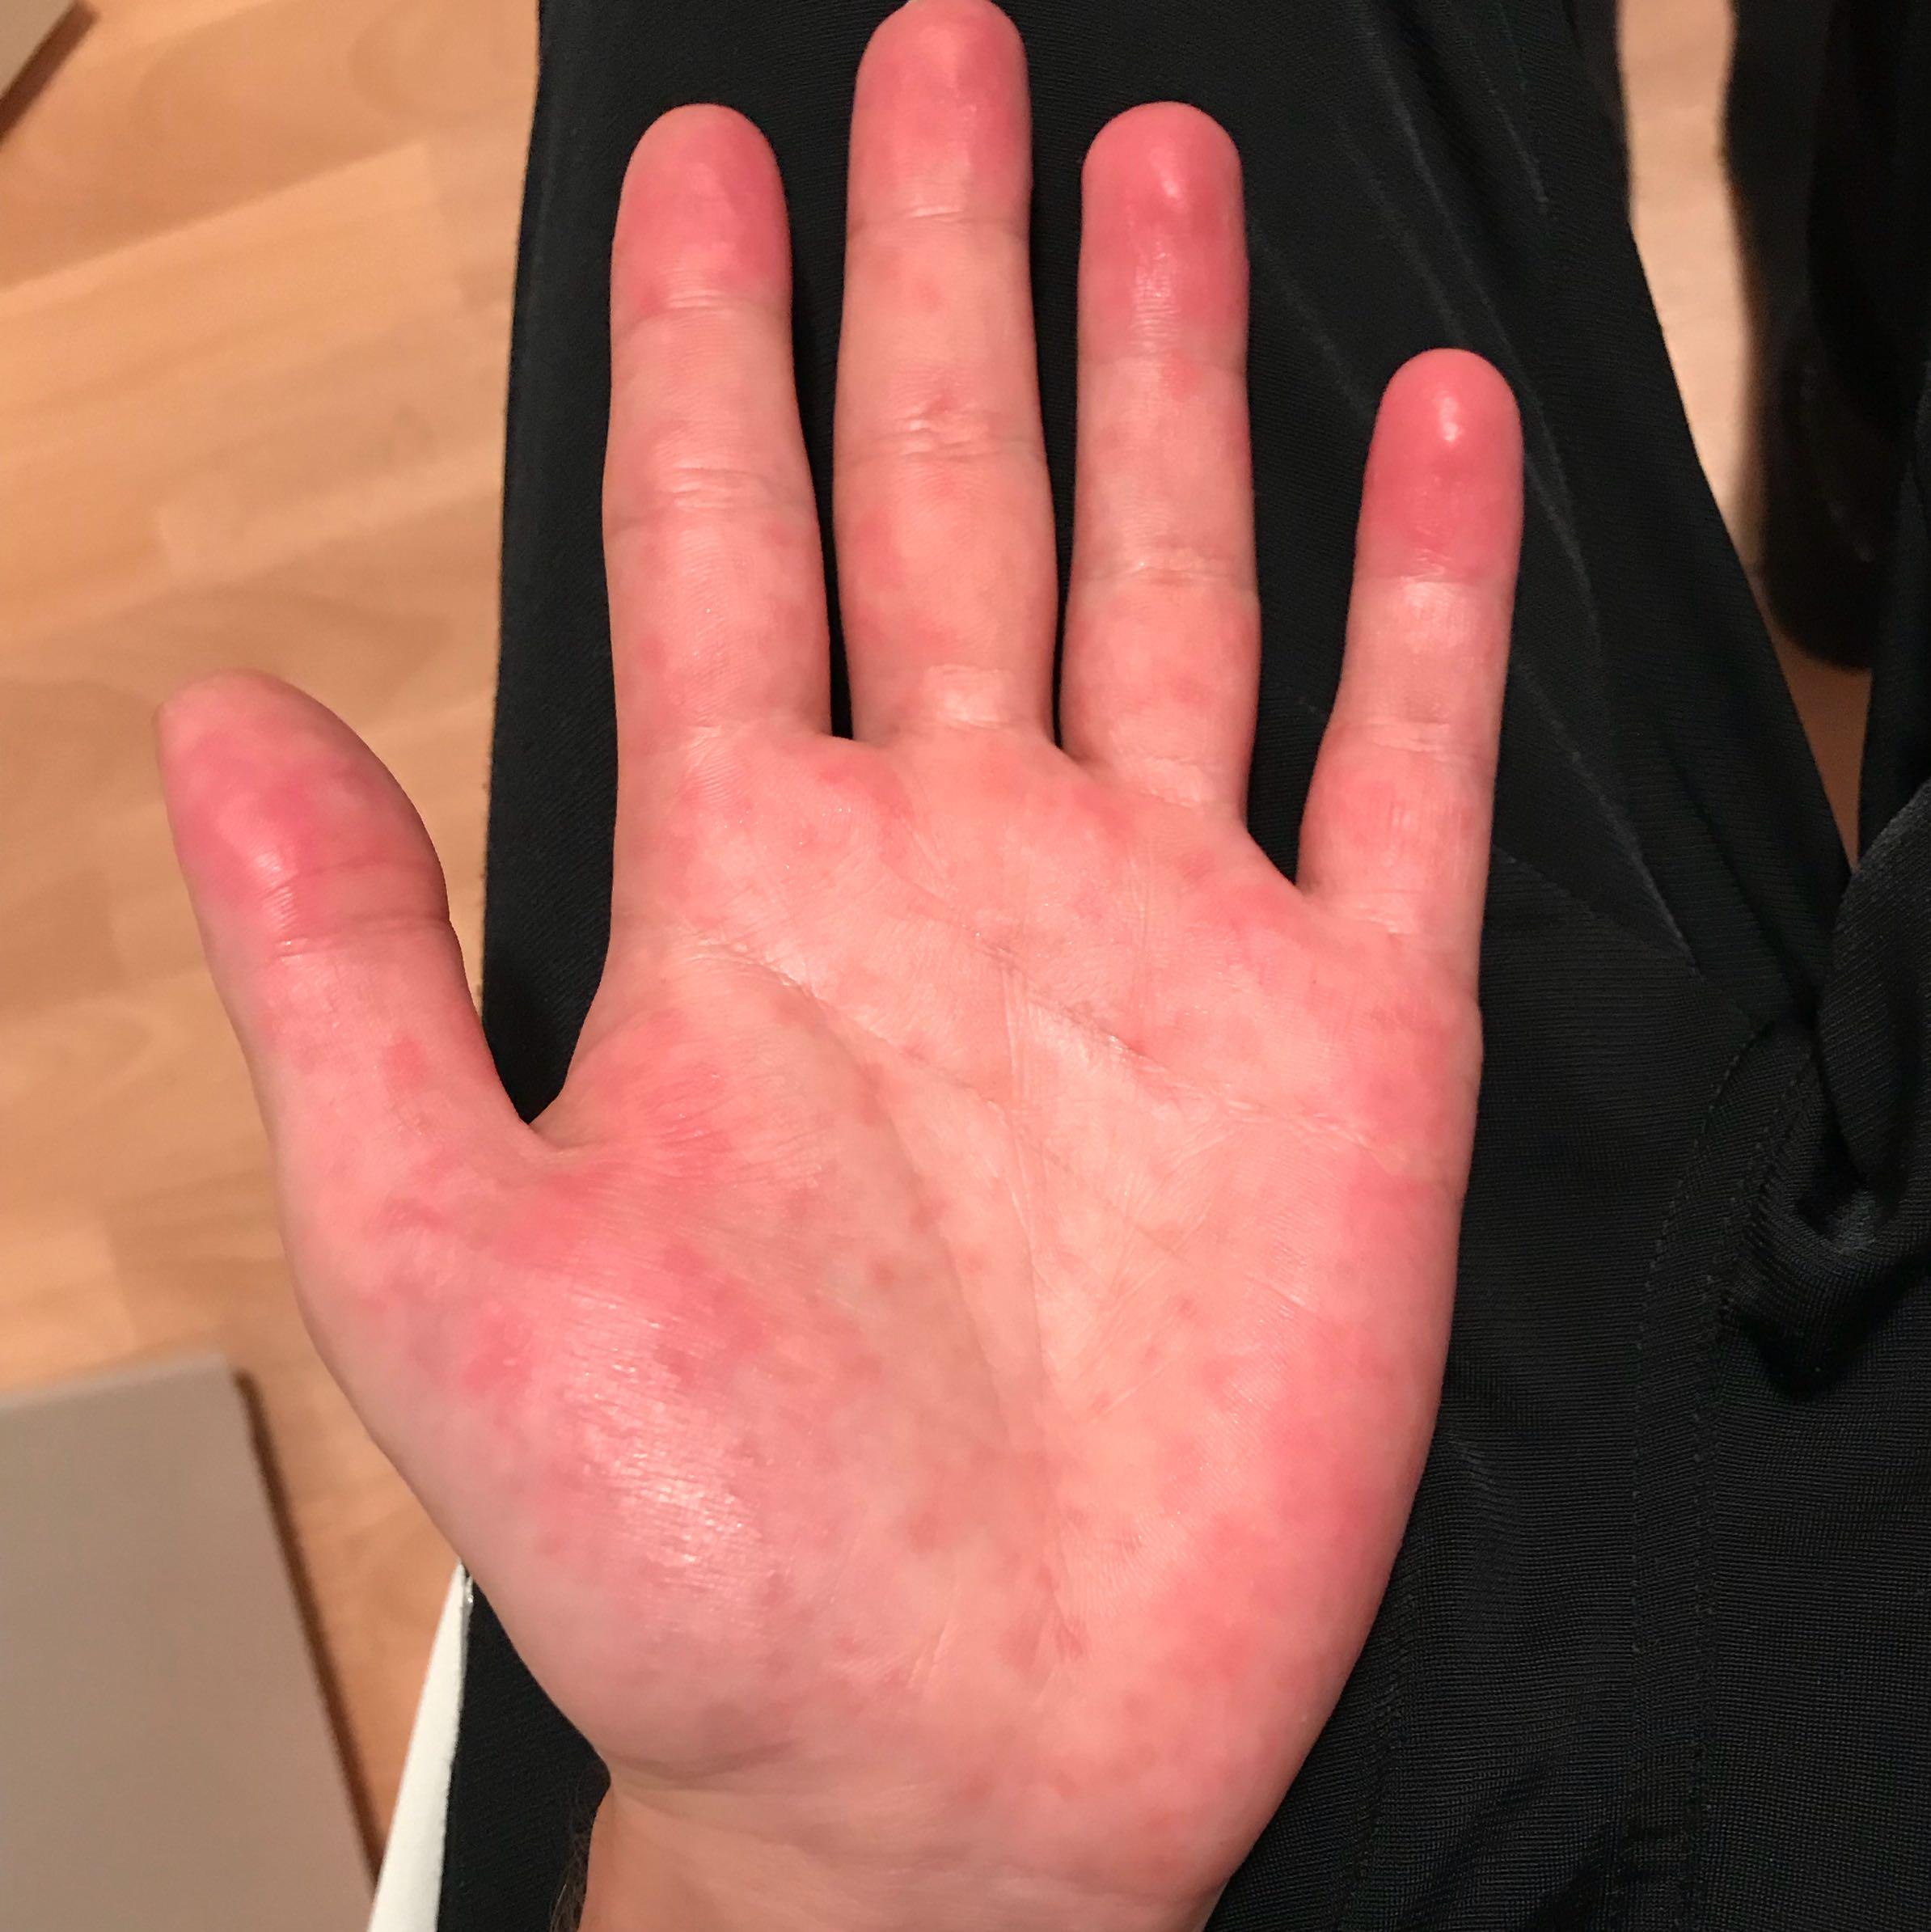 Roten Flecken auf der inneren Handfläche? (Gesundheit und